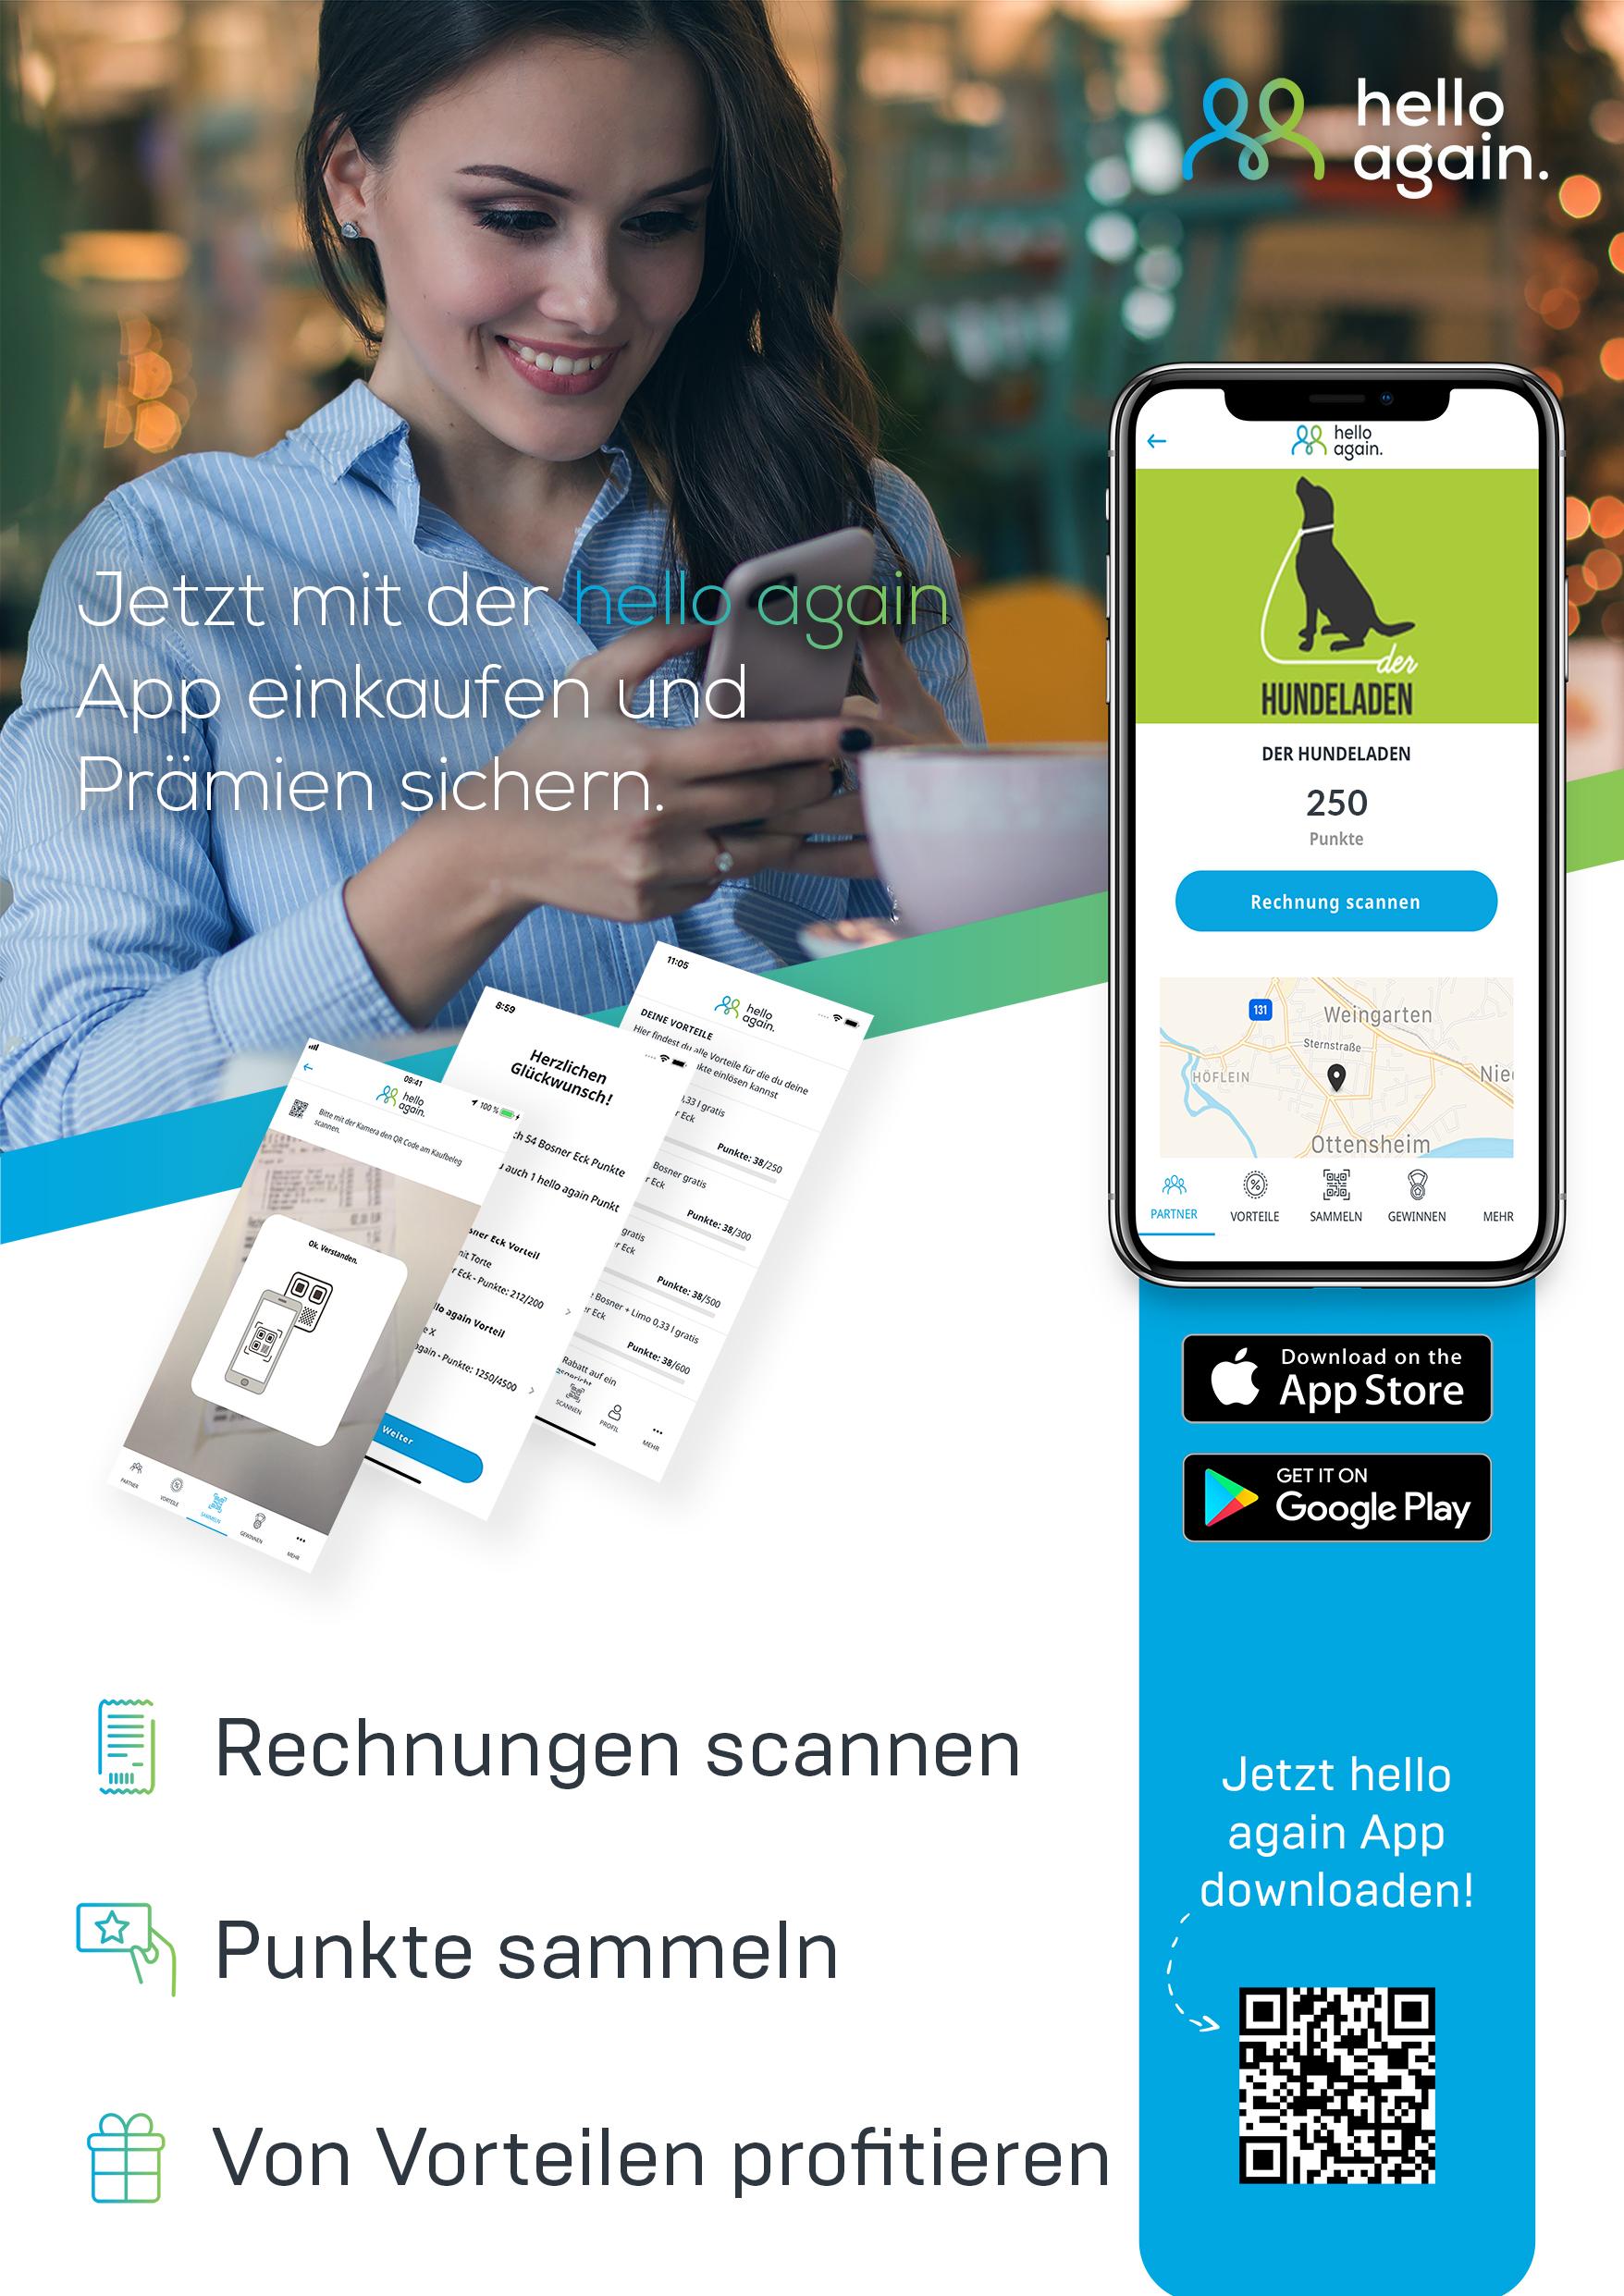 Das aktuelle hello again Plakat zur Bewerbung der neuen App